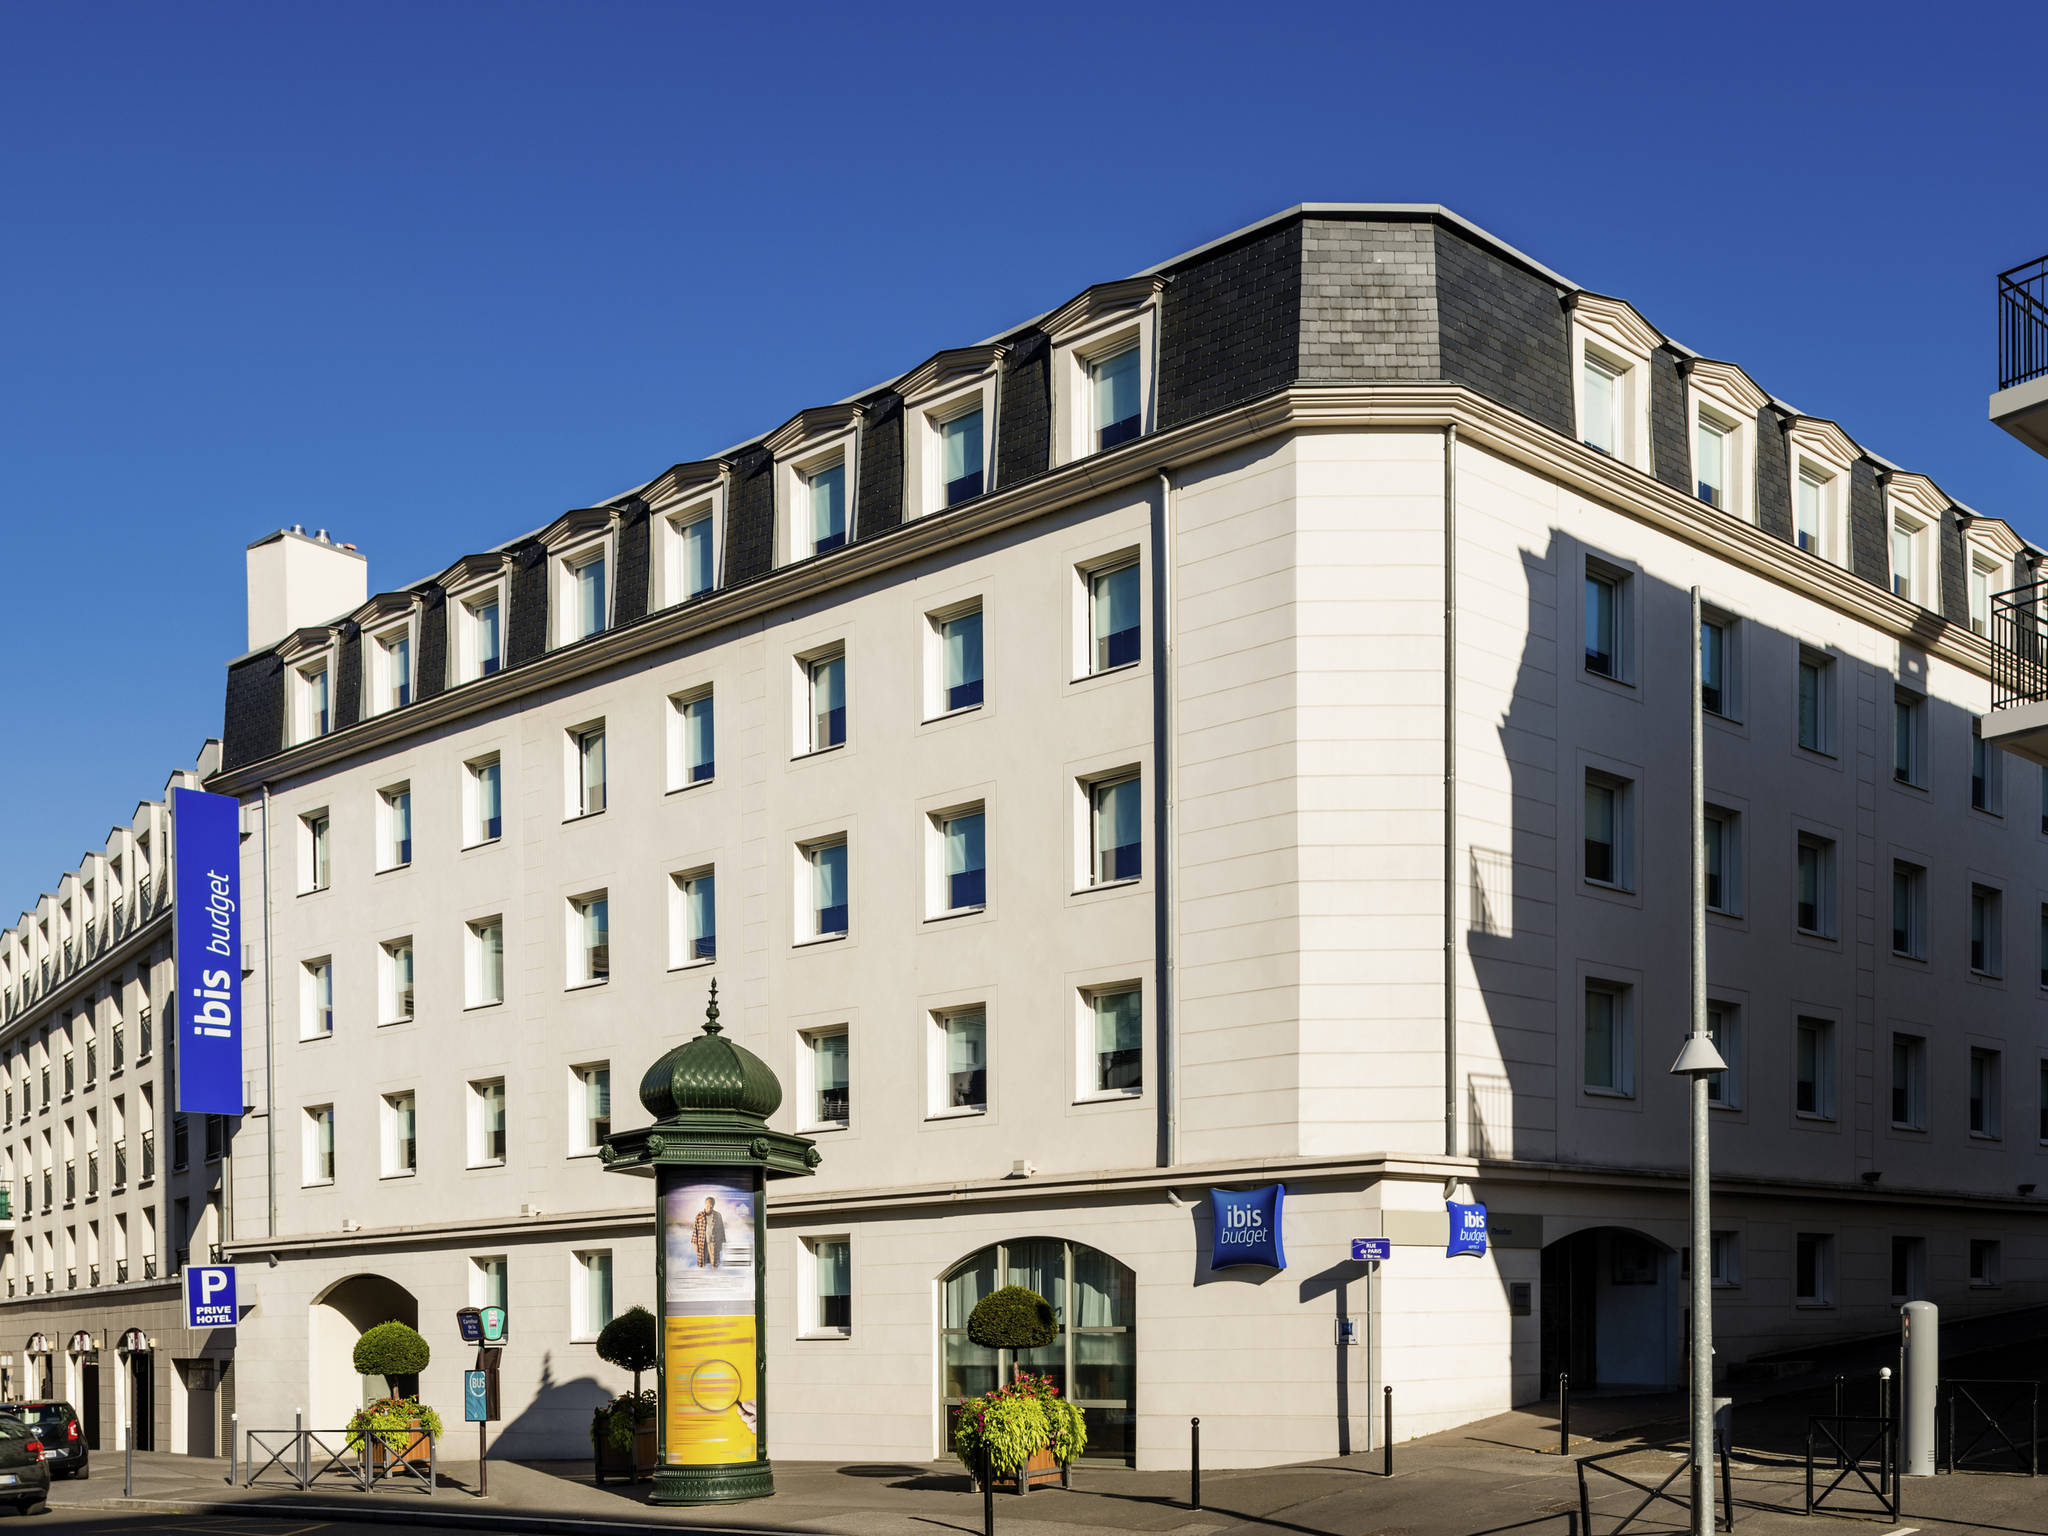 Hotel – Ibis budget Meudon Paris Ouest